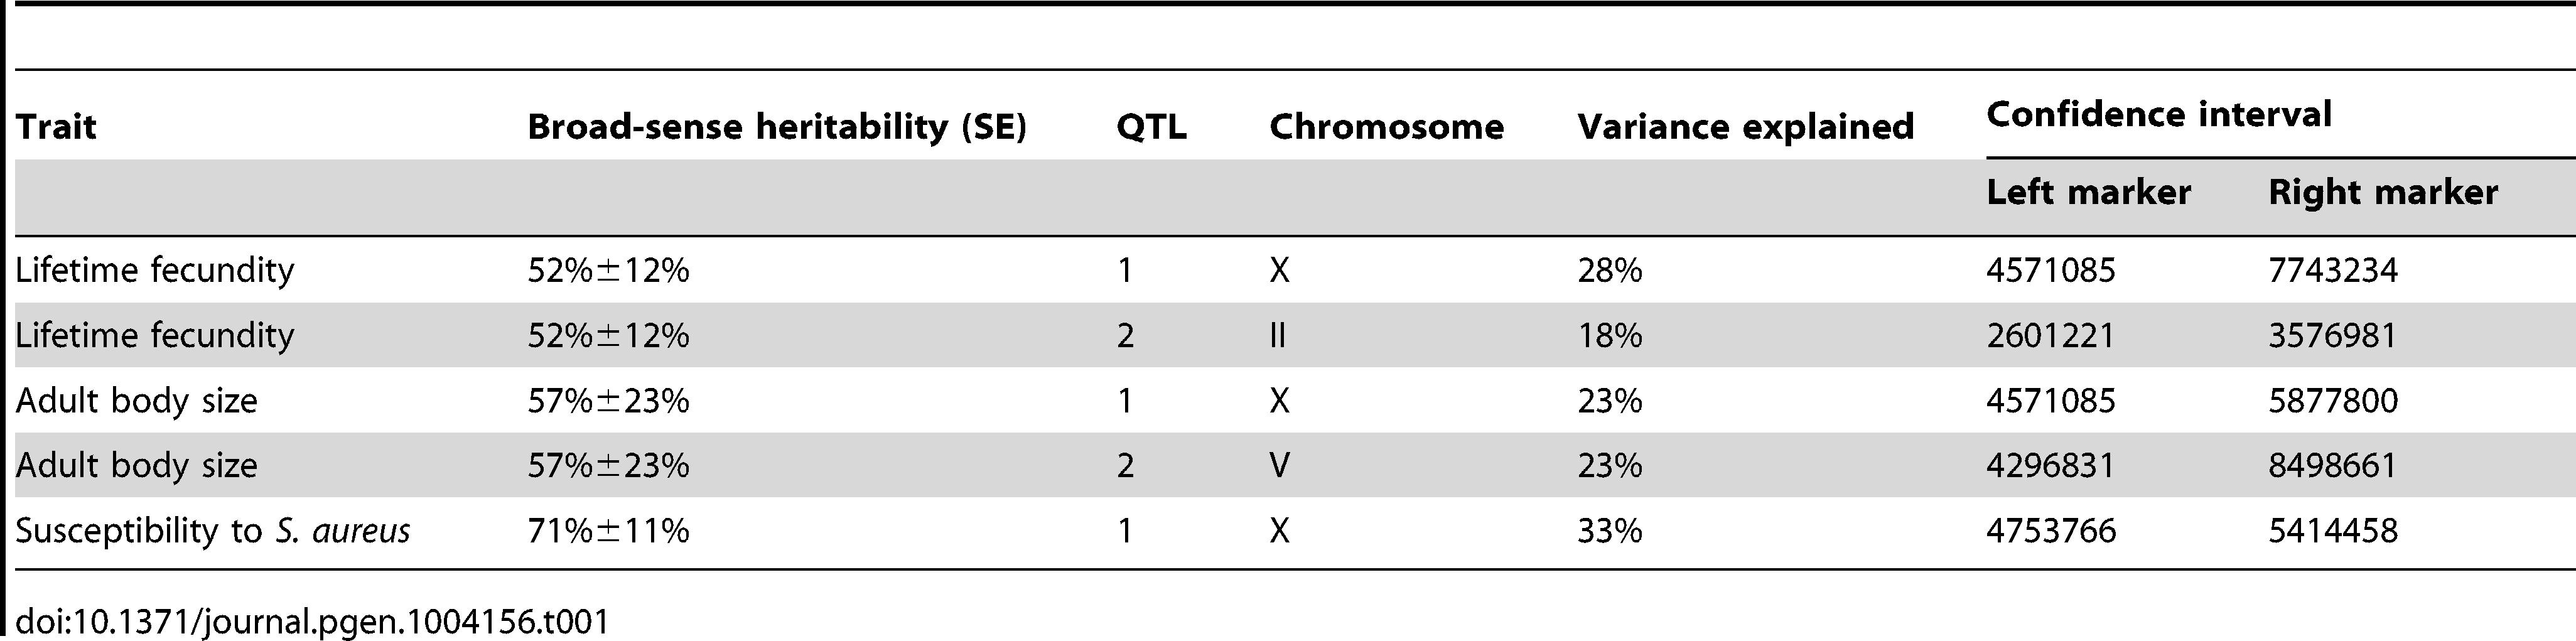 Attributes for all significant quantitative trait loci are described.